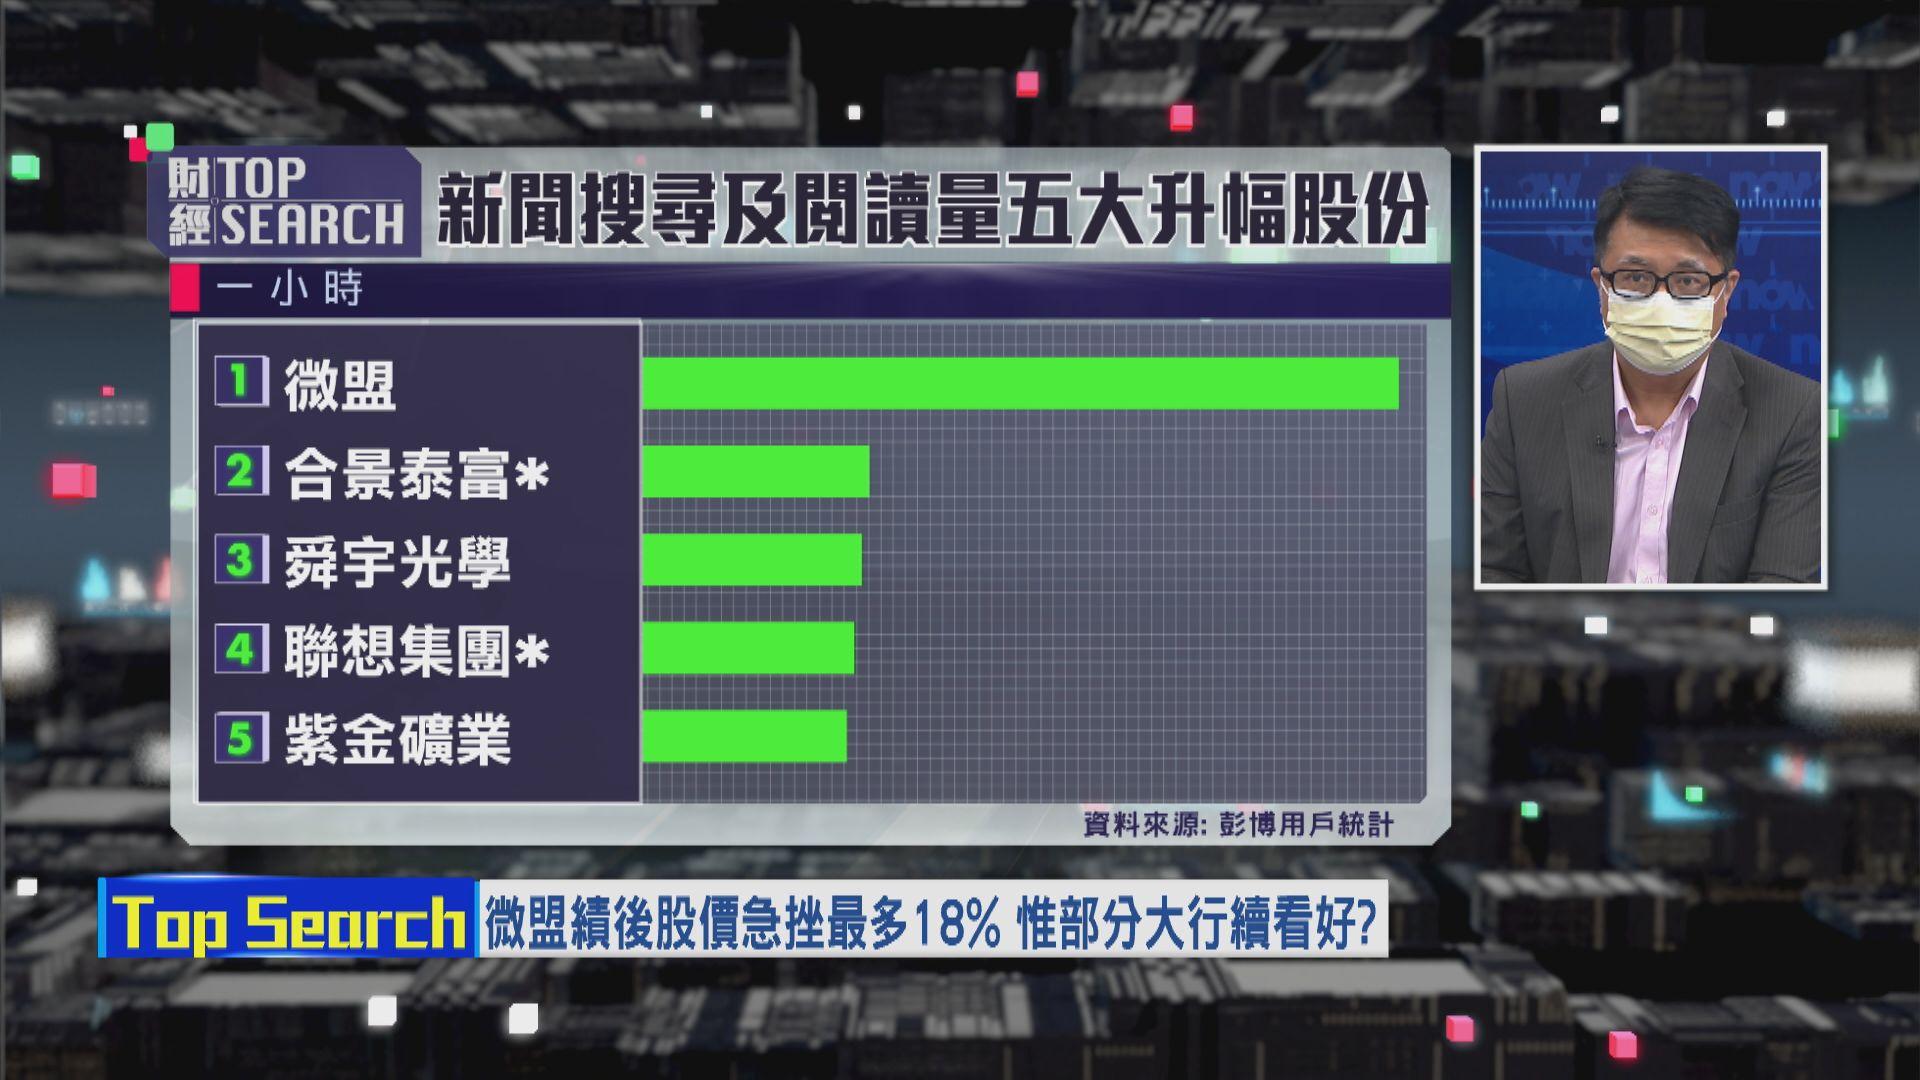 【財經TOP SEARCH】高位買微盟最少要捱一年?